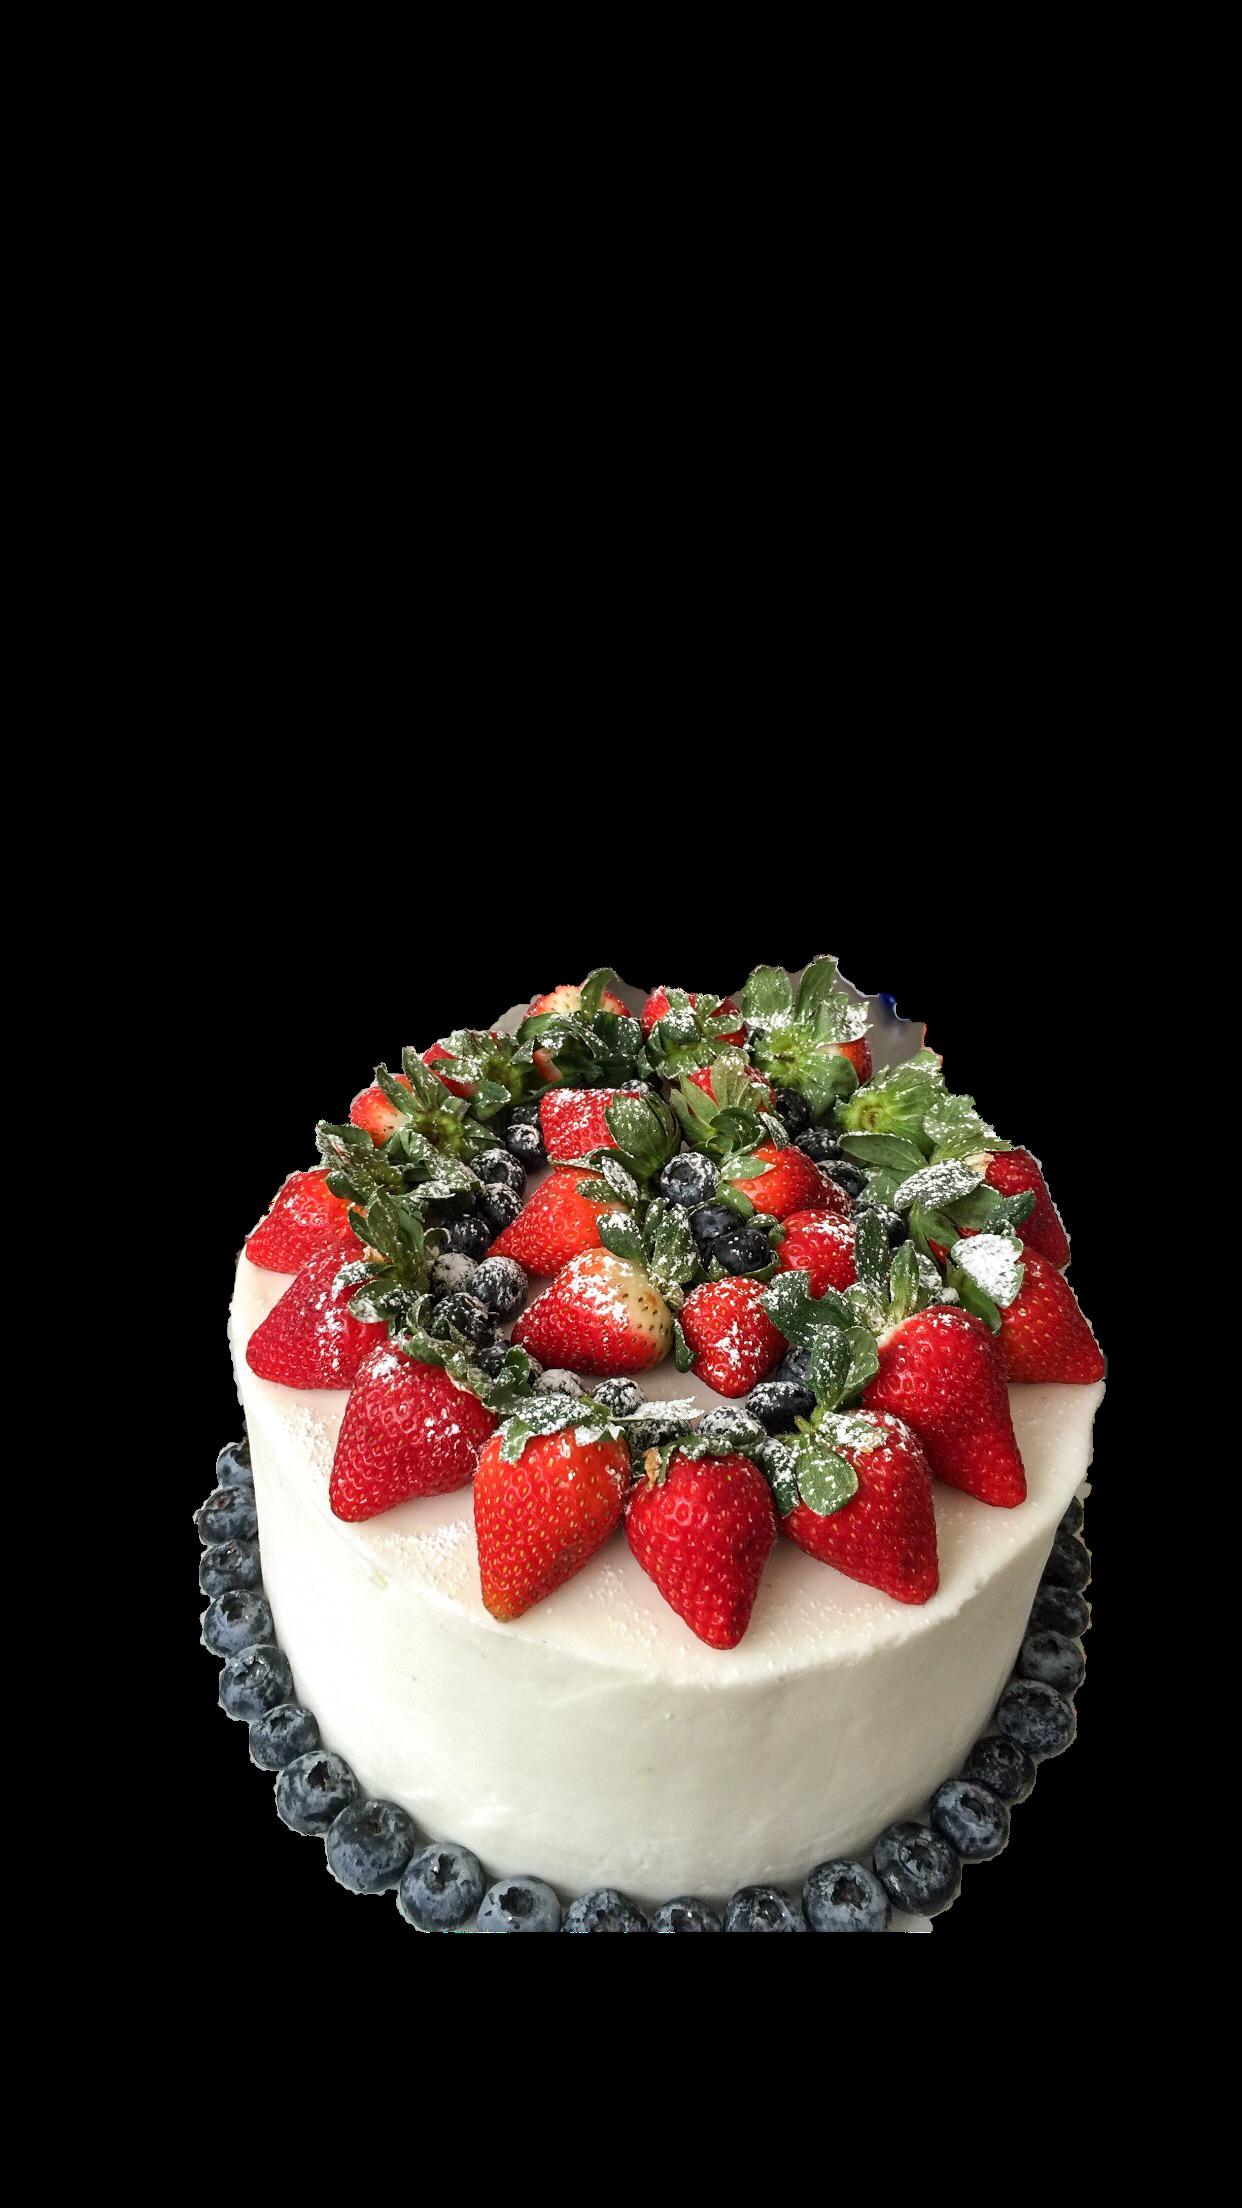 Spring fruit cake